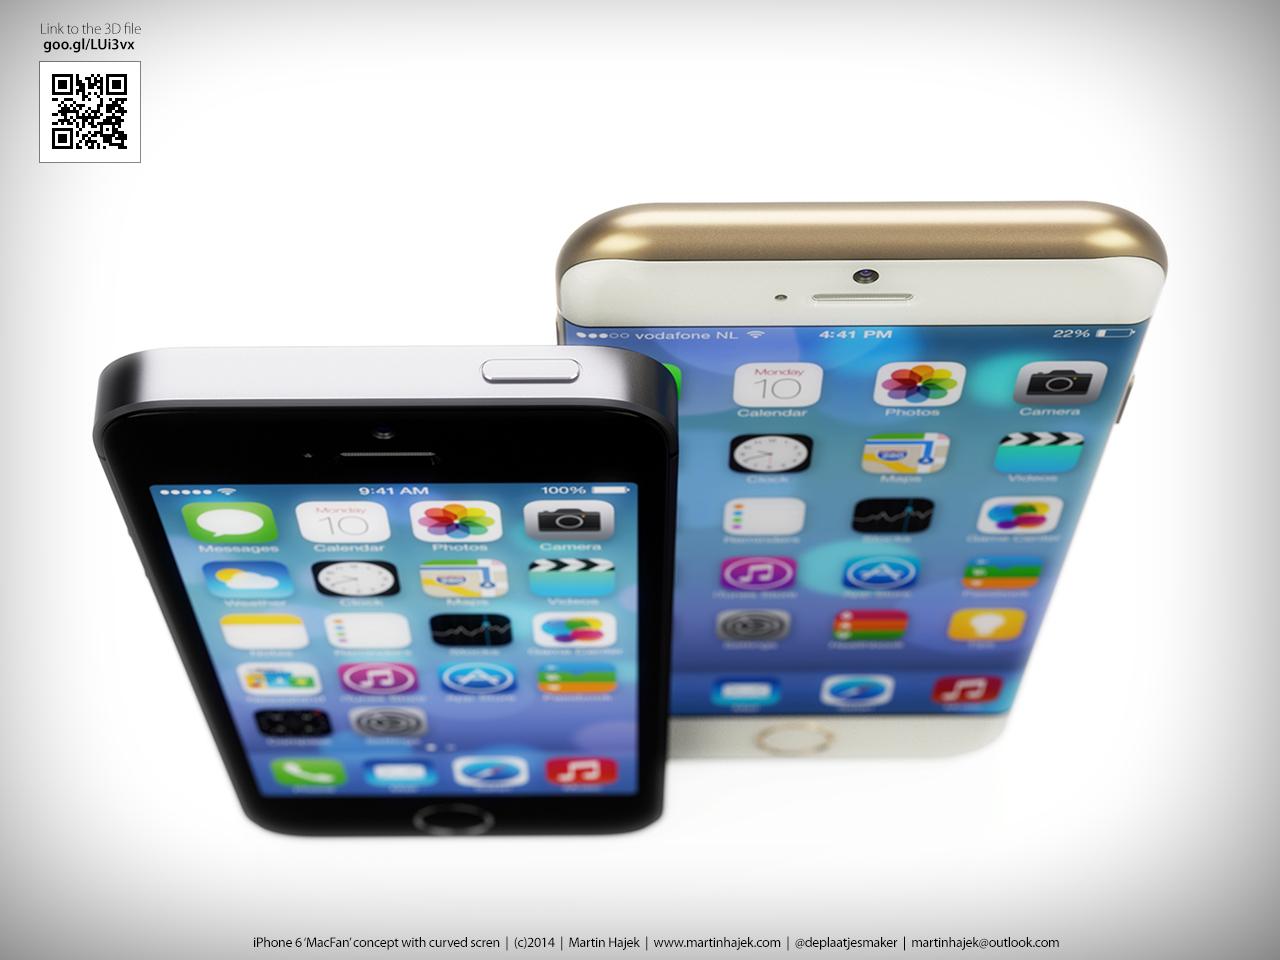 Conceito de iPhone 6 com tela curva